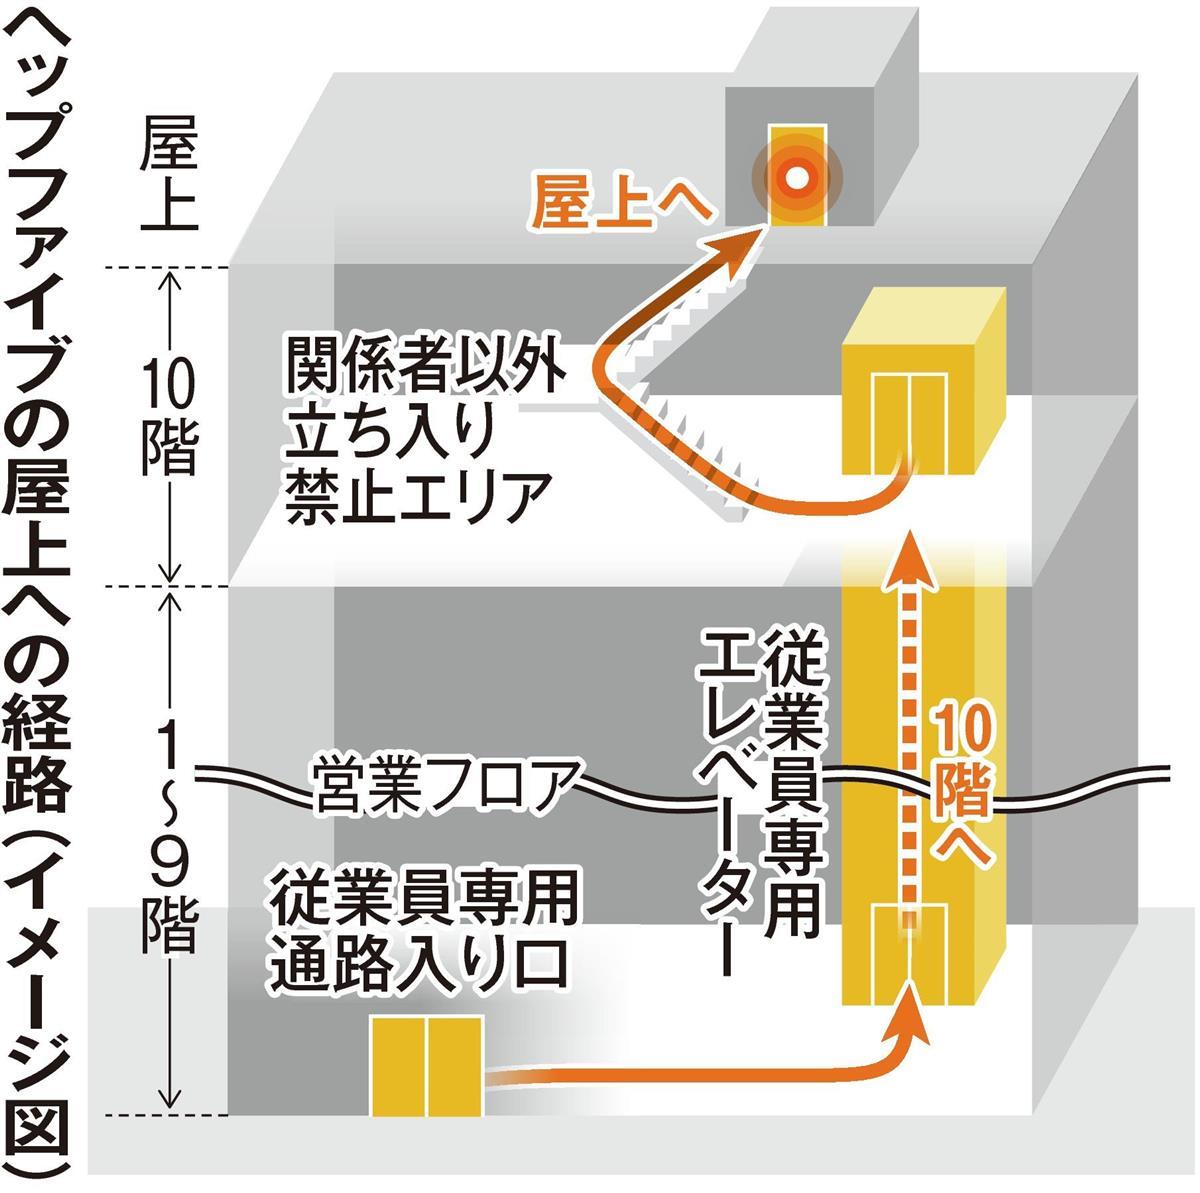 転落巻き添え死 鍵カバー壊し屋上侵入か 大阪・梅田